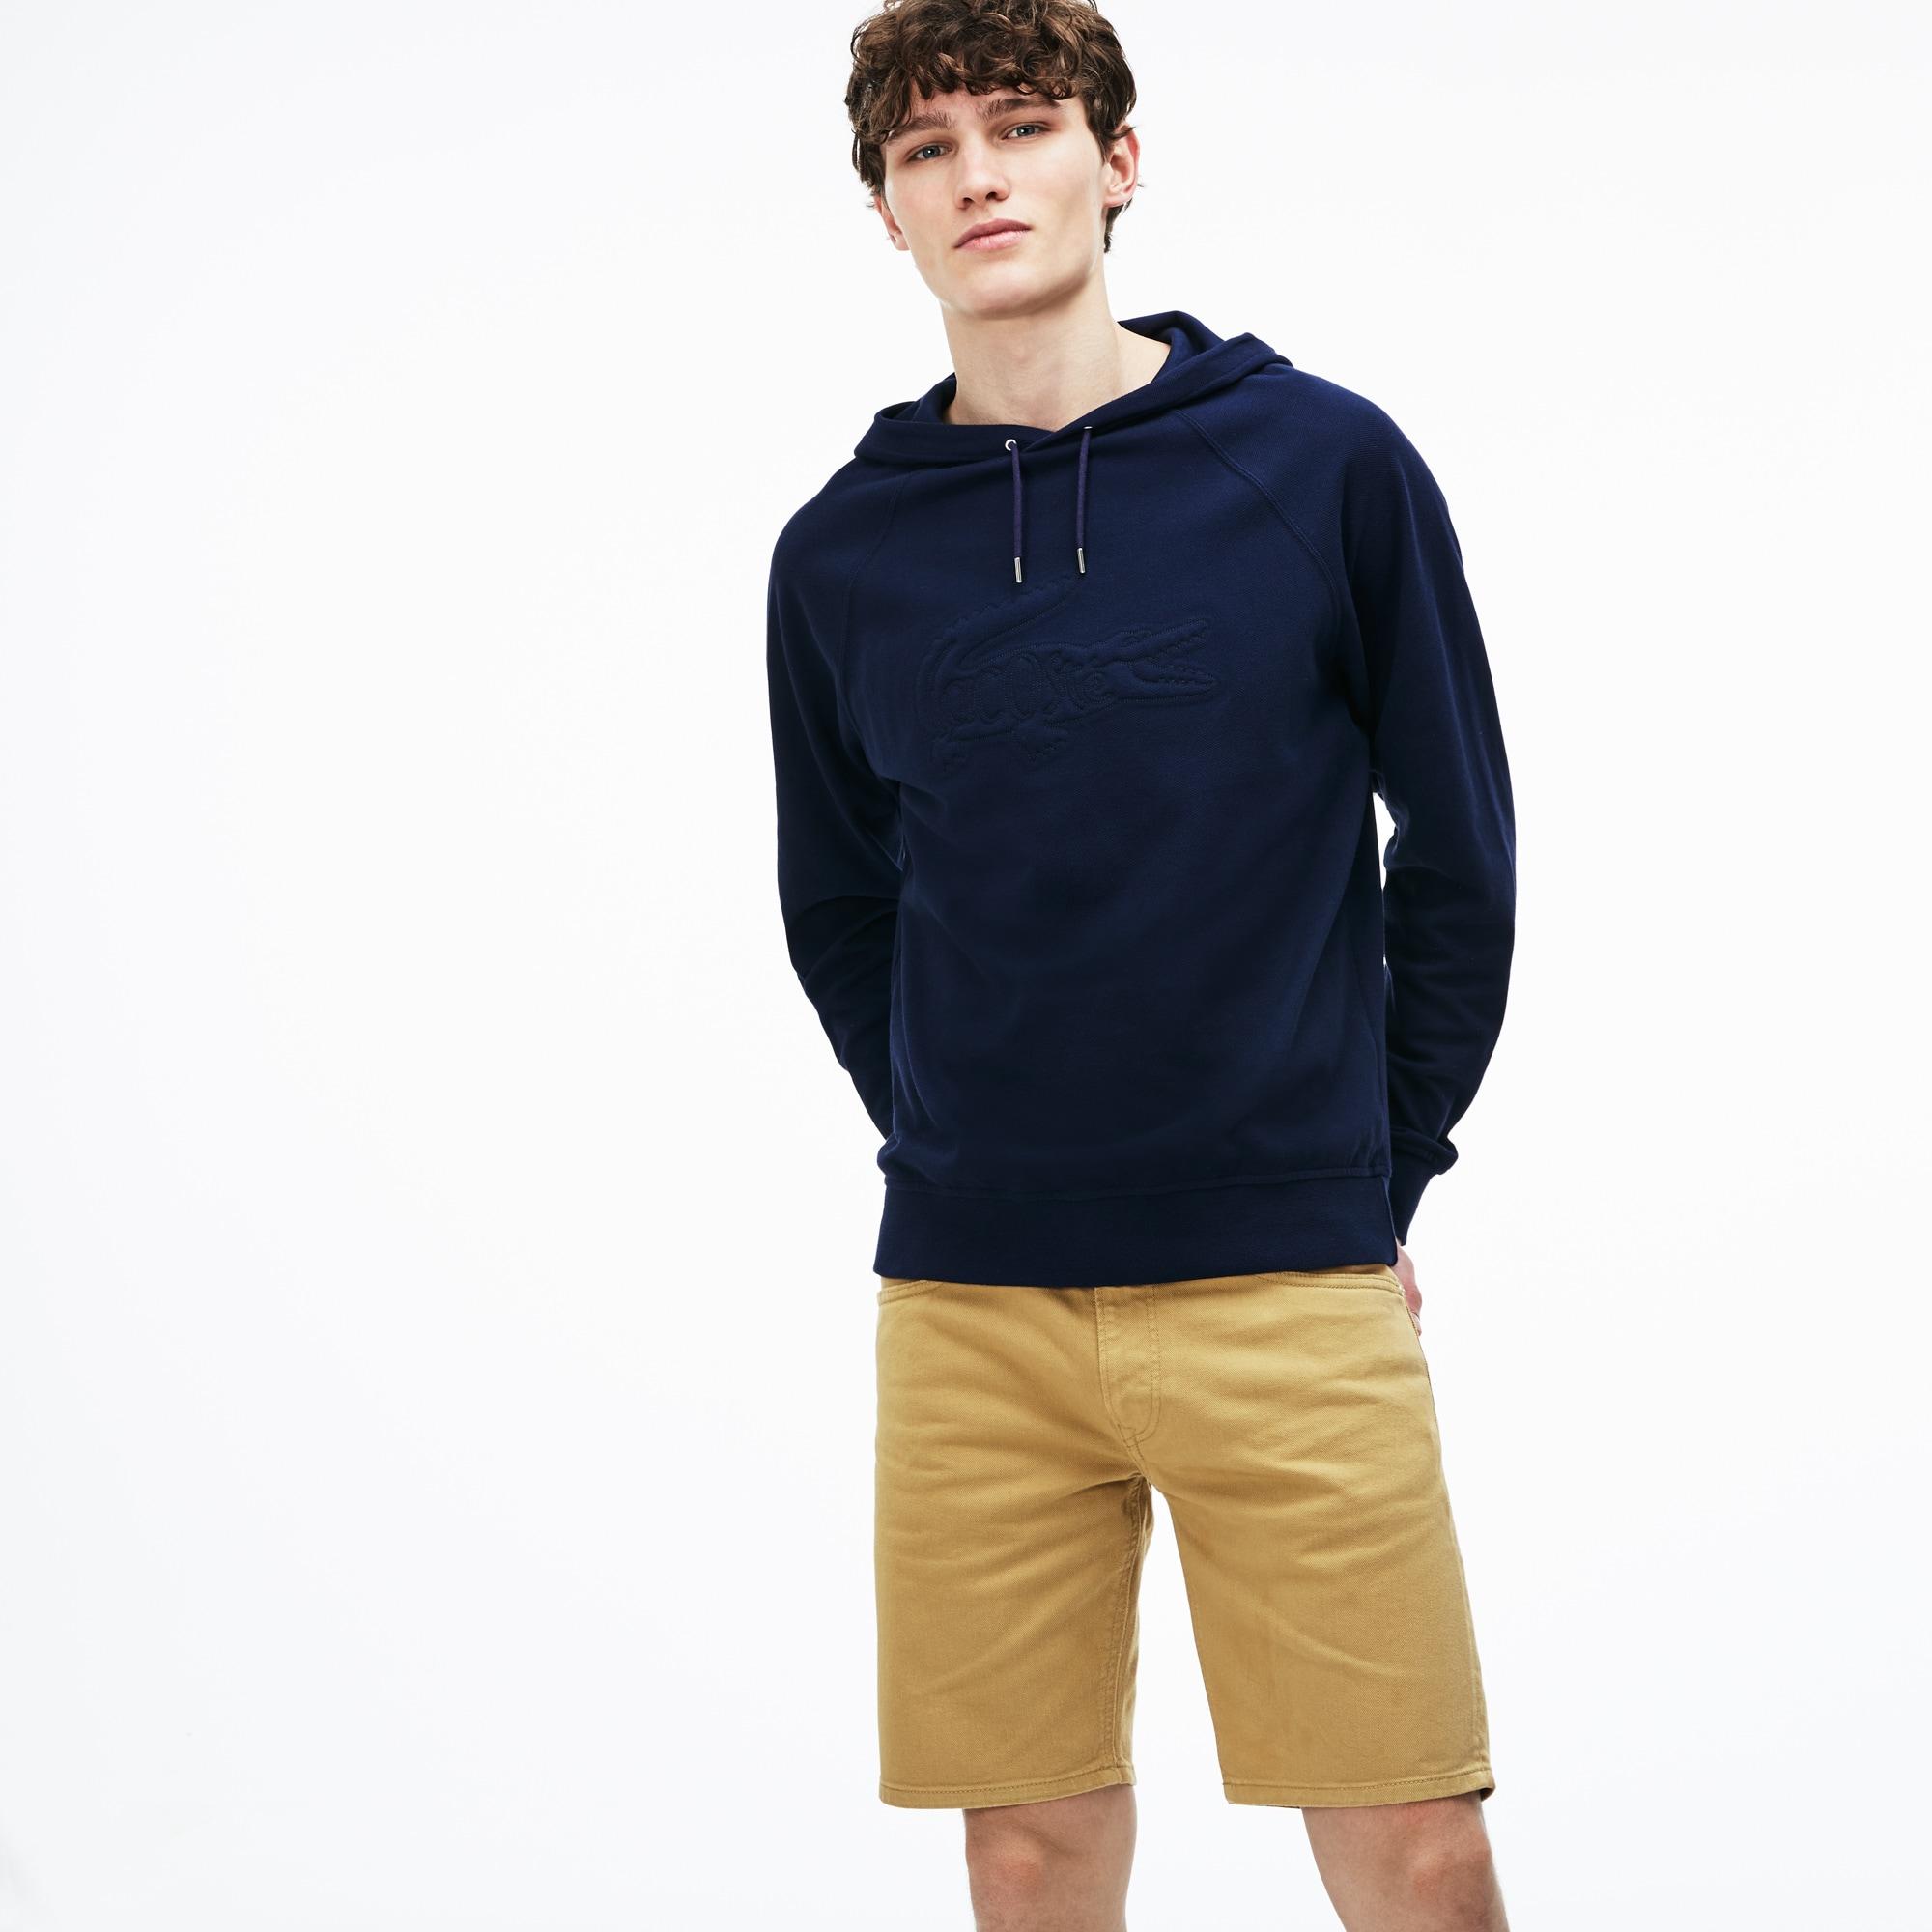 Bermuda 5 poches slim fit en twill stretch uni